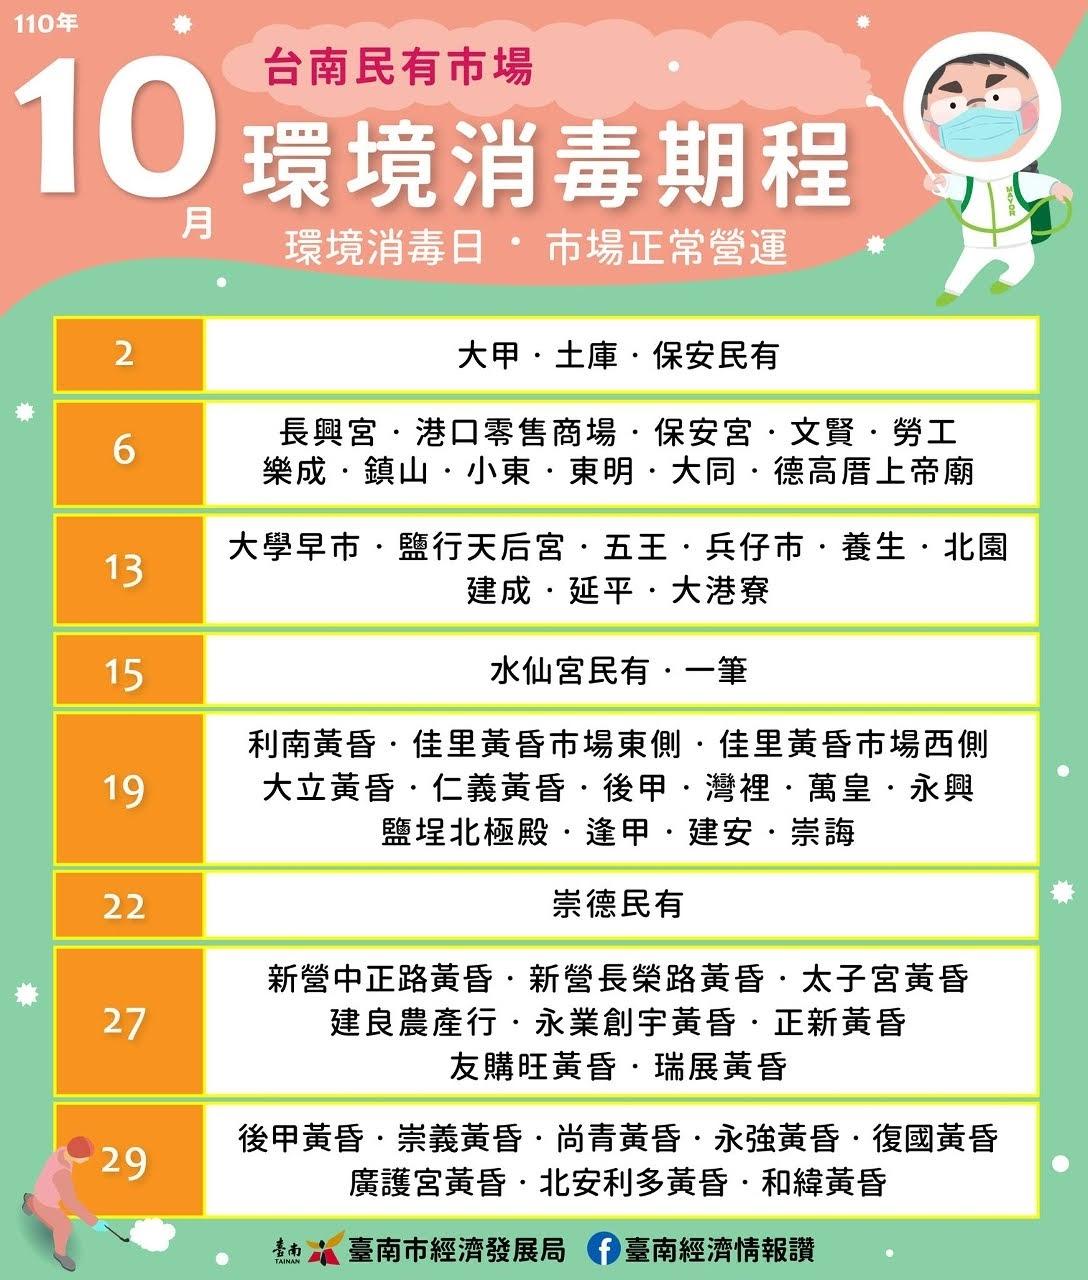 台南市公/民有市場110年10月環境消毒期程表 環境消毒日、市場依然會正常營運